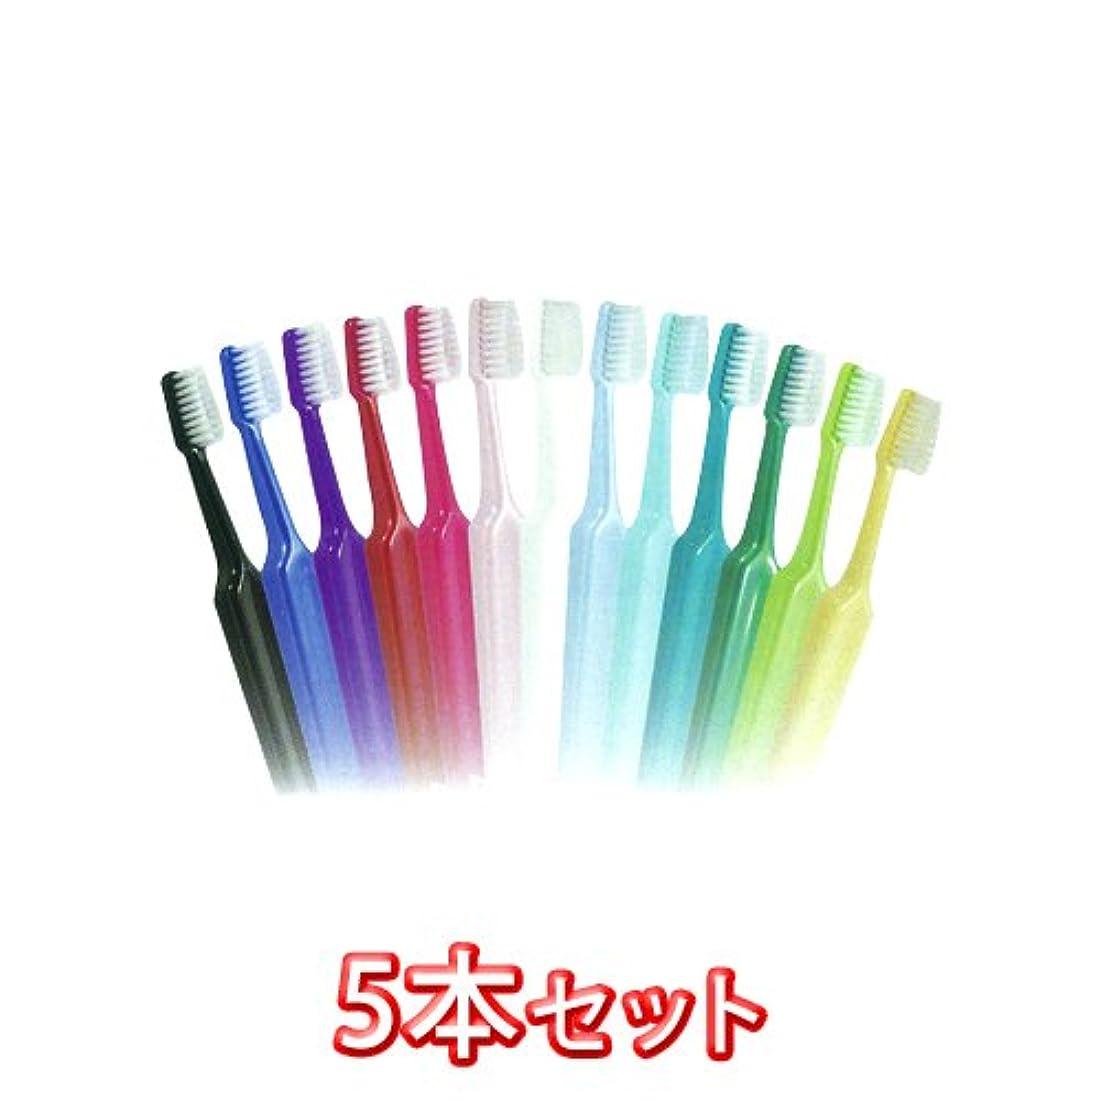 のみカフェテリア所有権クロスフィールド TePe テペ セレクト 歯ブラシ 5本 (エクストラソフト)